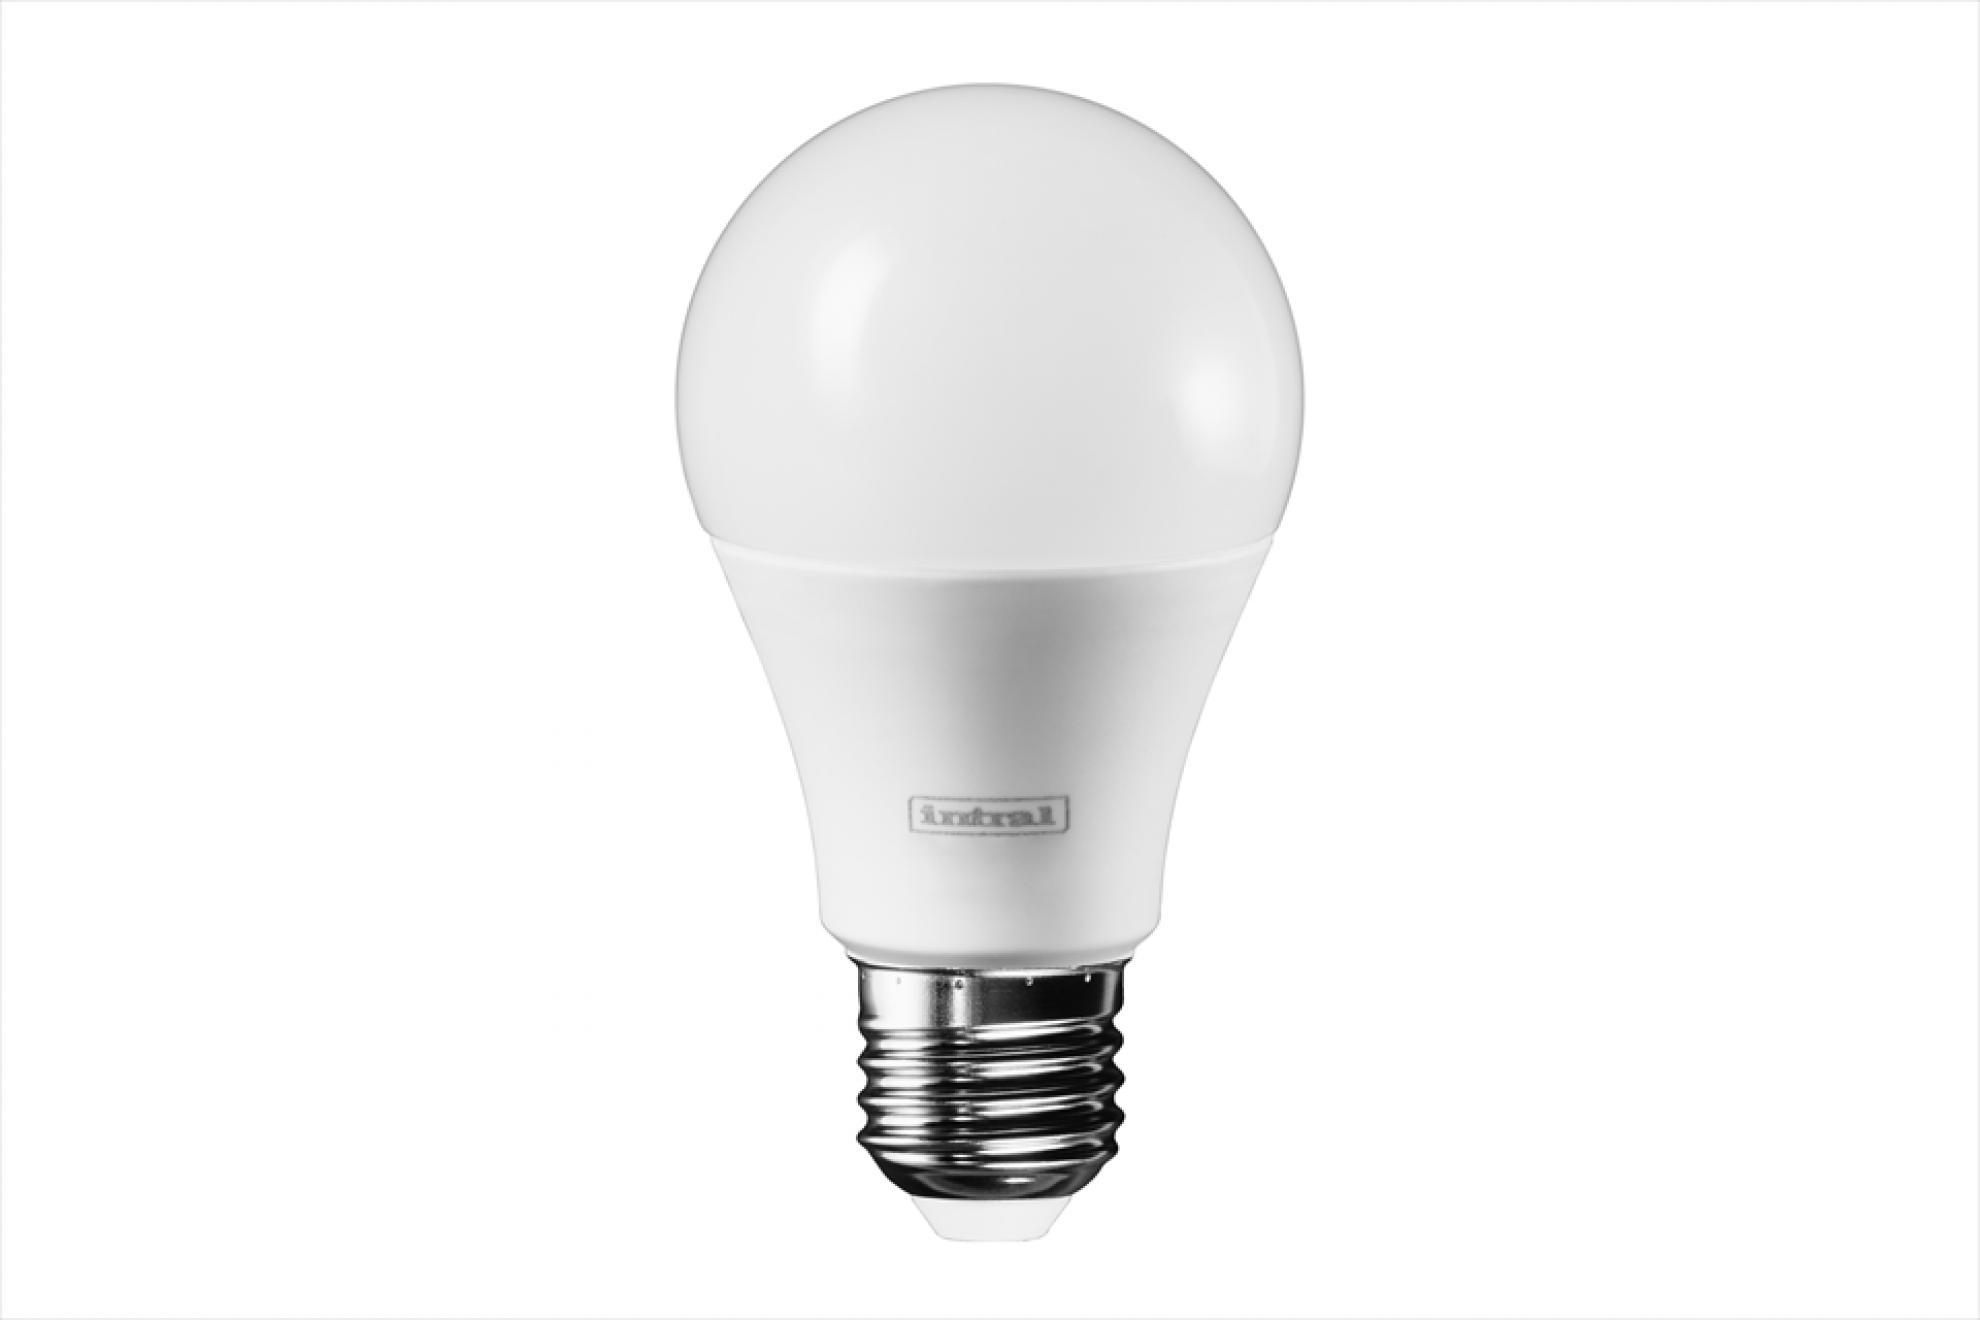 Lampada Led Bulbo 09w 6500k Biv A60